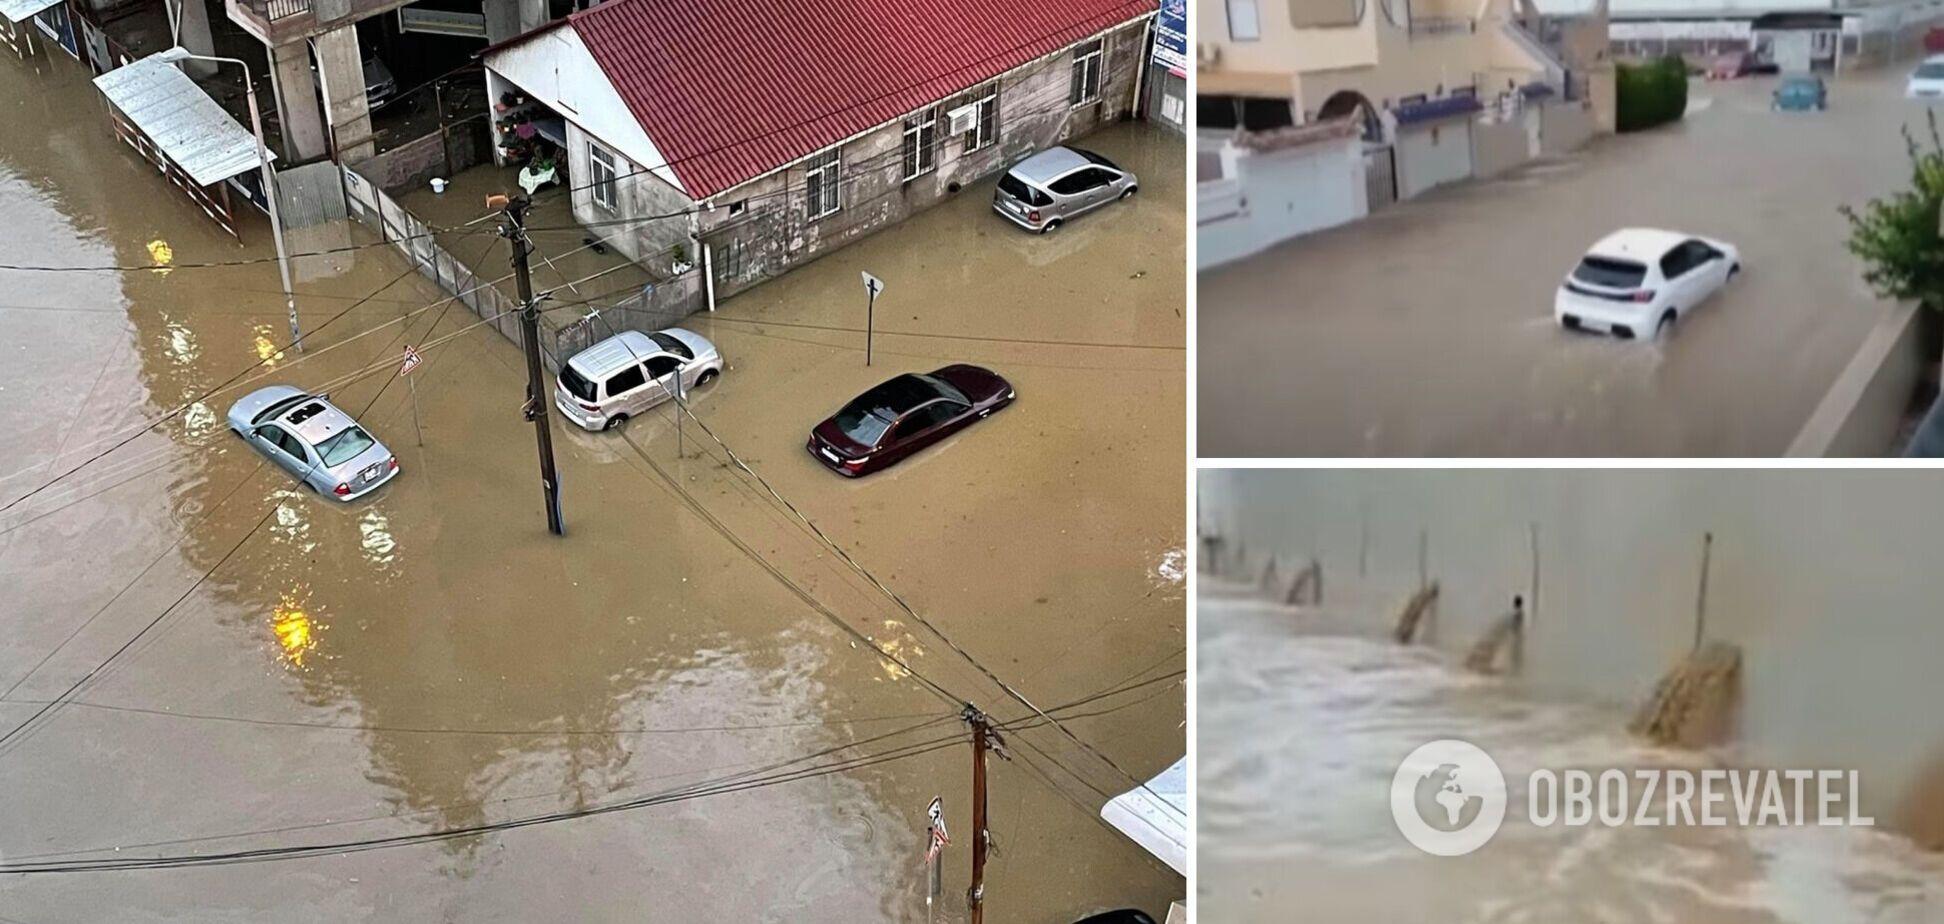 В Іспанії через сильні дощі сталася повінь, дороги перетворилися на річки. Відео